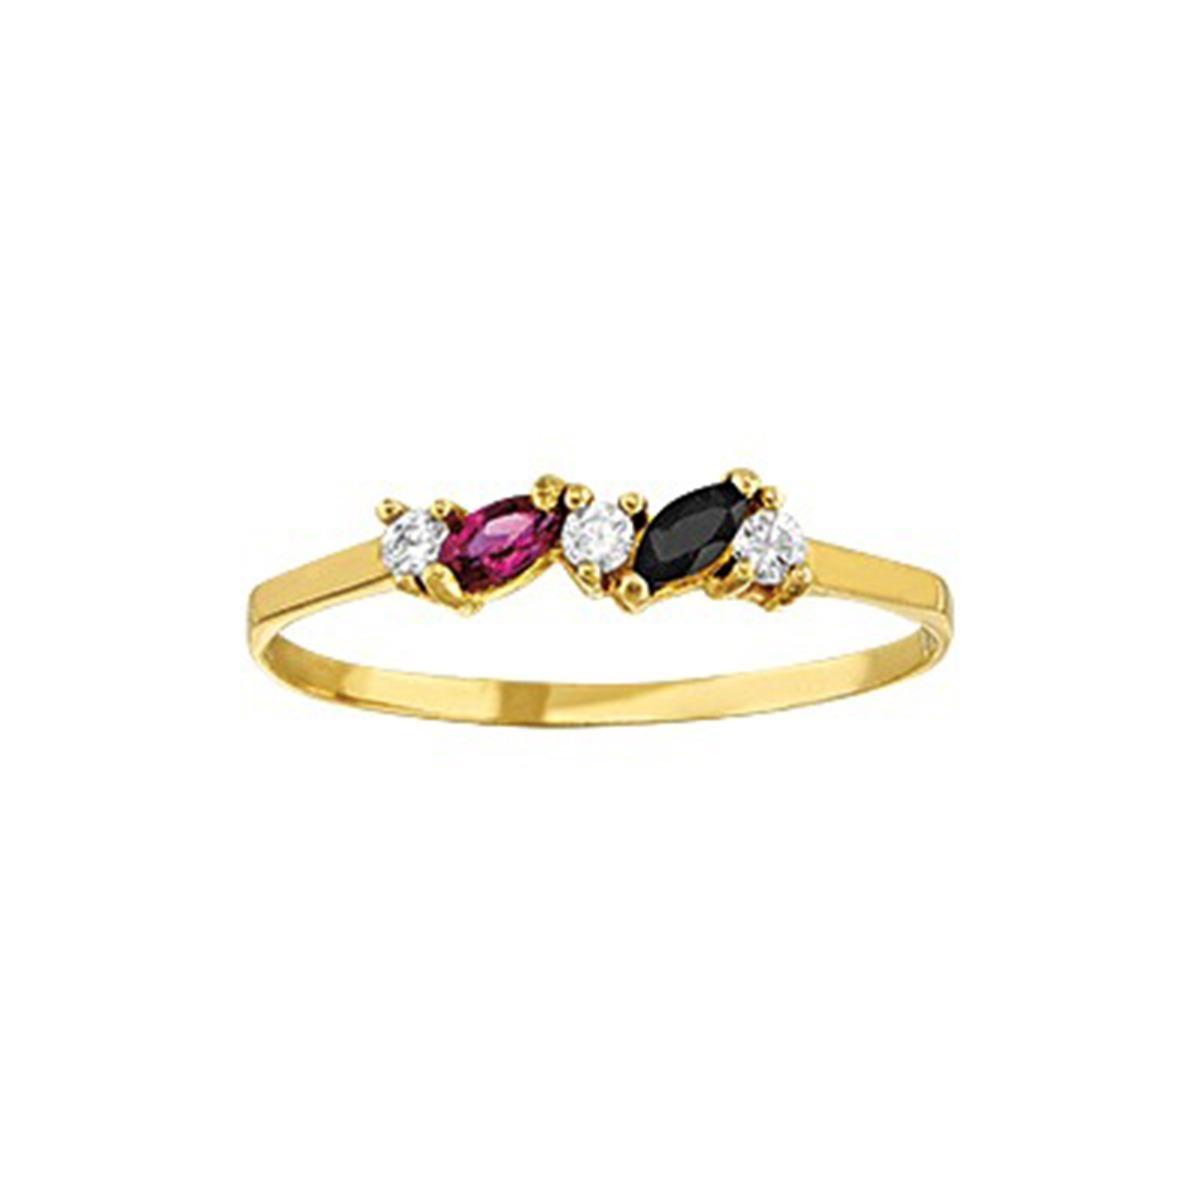 a69a1656f927 anillo compromiso y matrimonio oro 10k 7 diamantes sintetico. Cargando zoom.